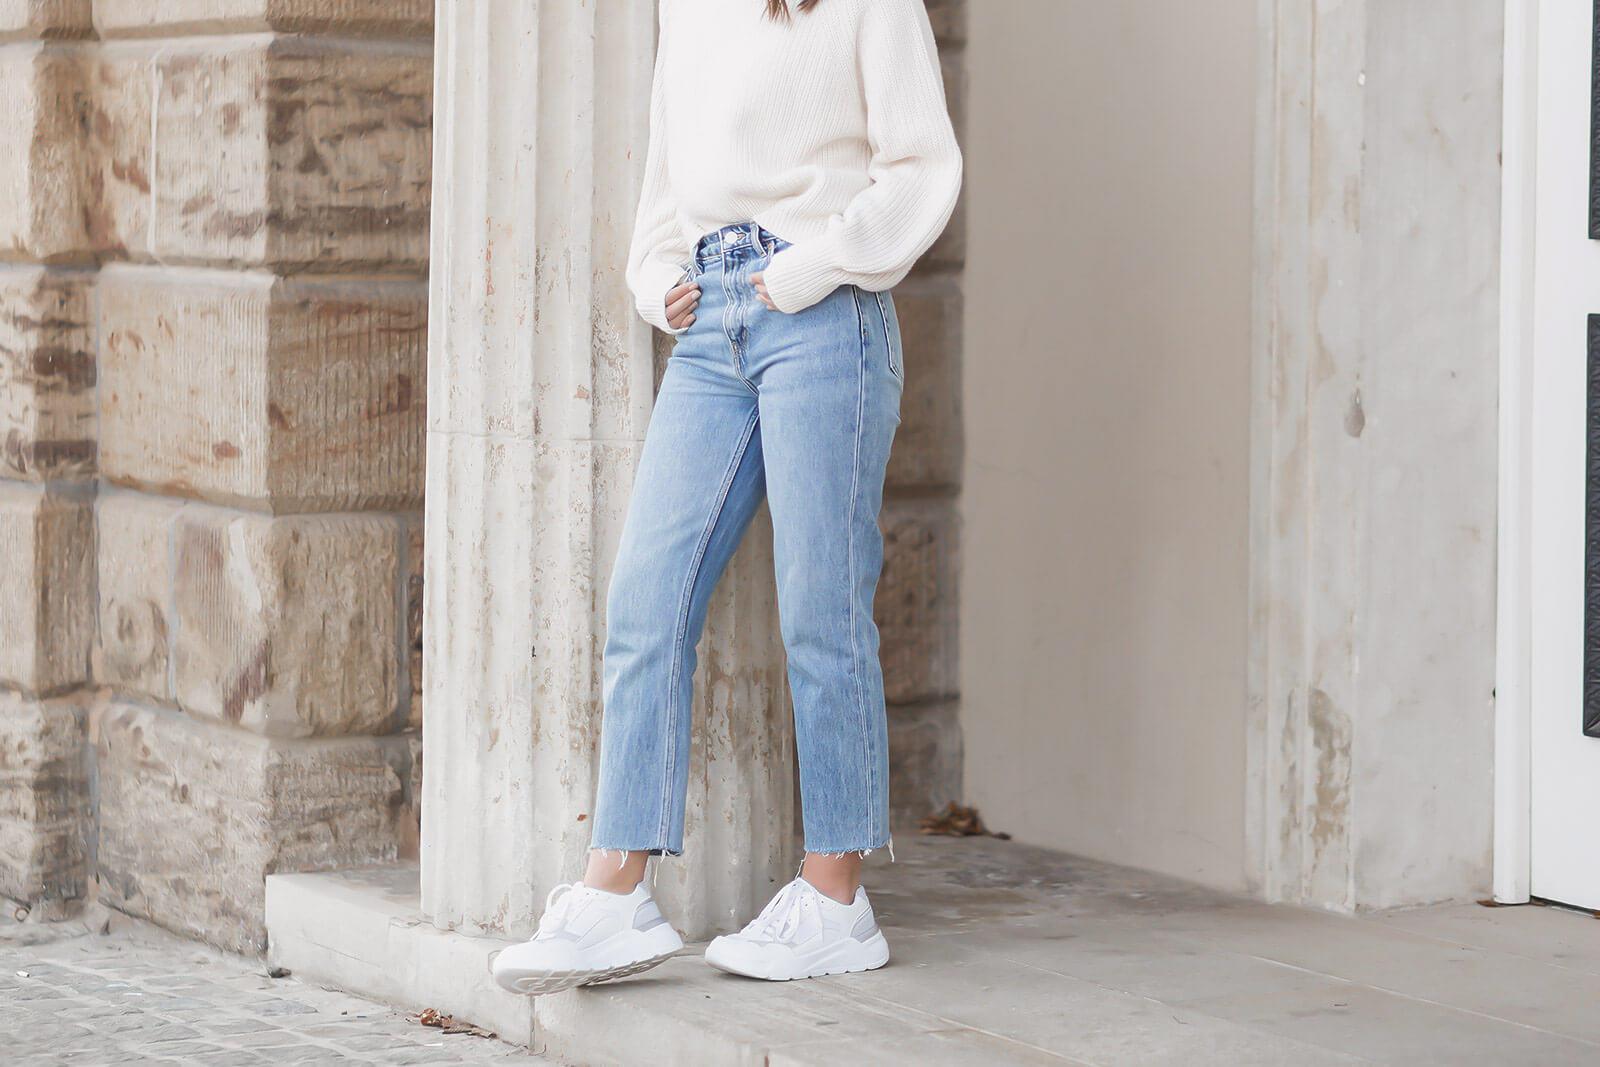 Jeans Trends 2021 - Straight Leg Jeans kombinieren